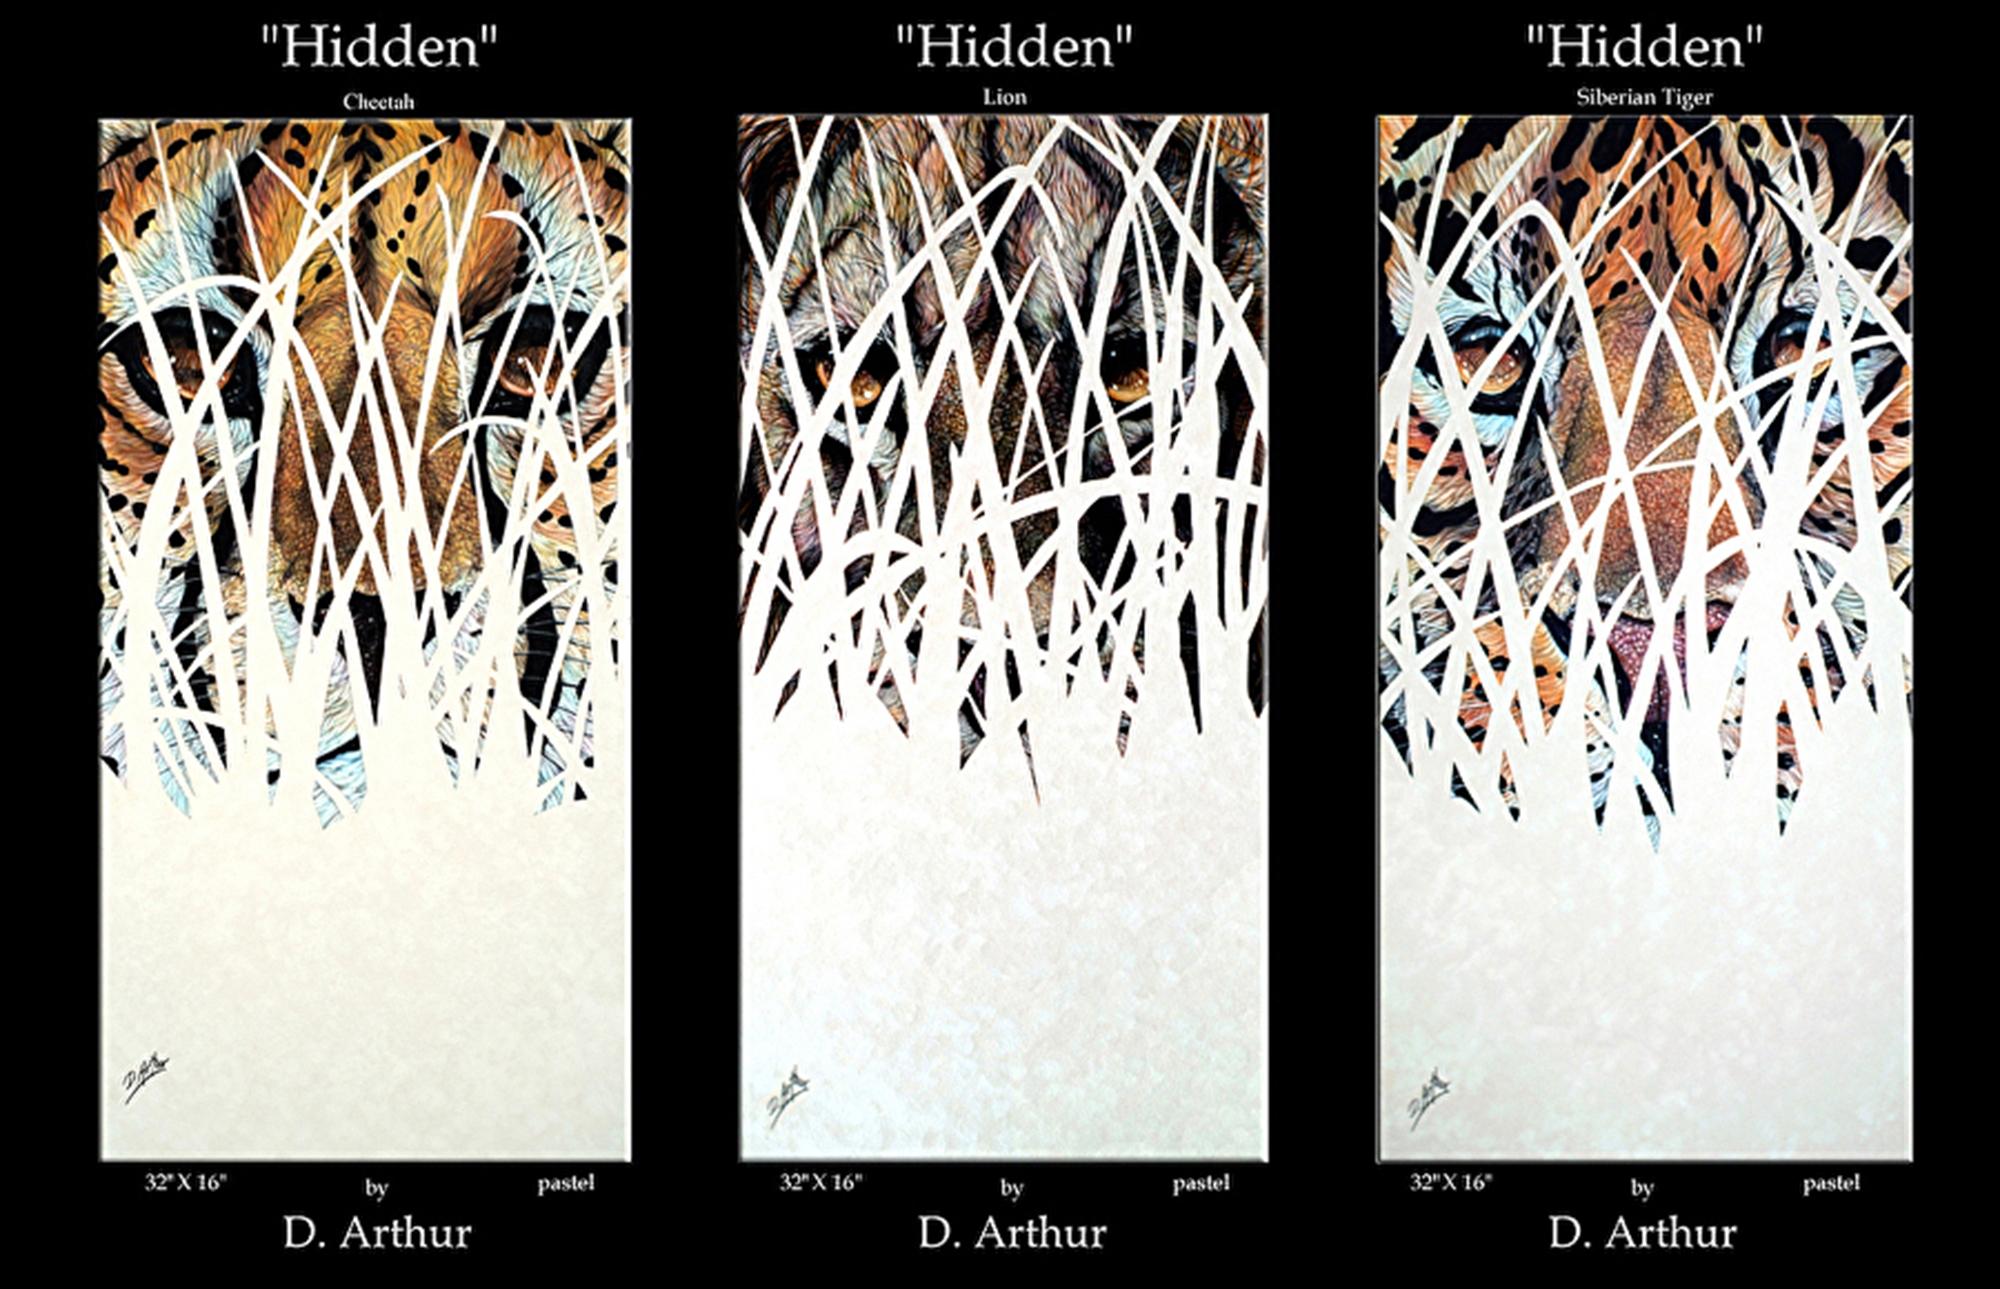 Hidden Series by D. Arthur